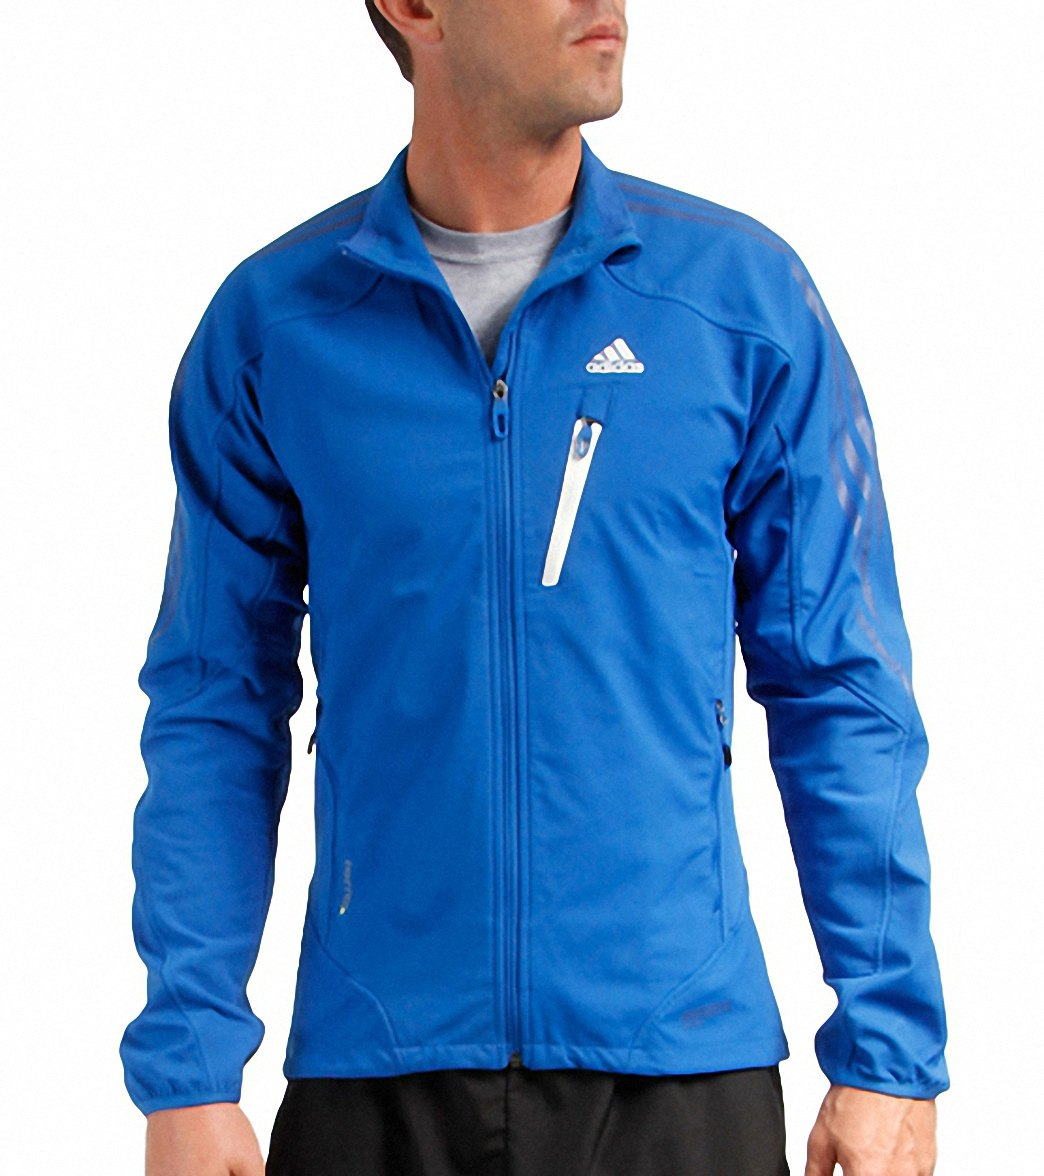 1864d9dab428 Adidas Men s Terrex Hybrid Windstopper Softshell Running Jacket at ...